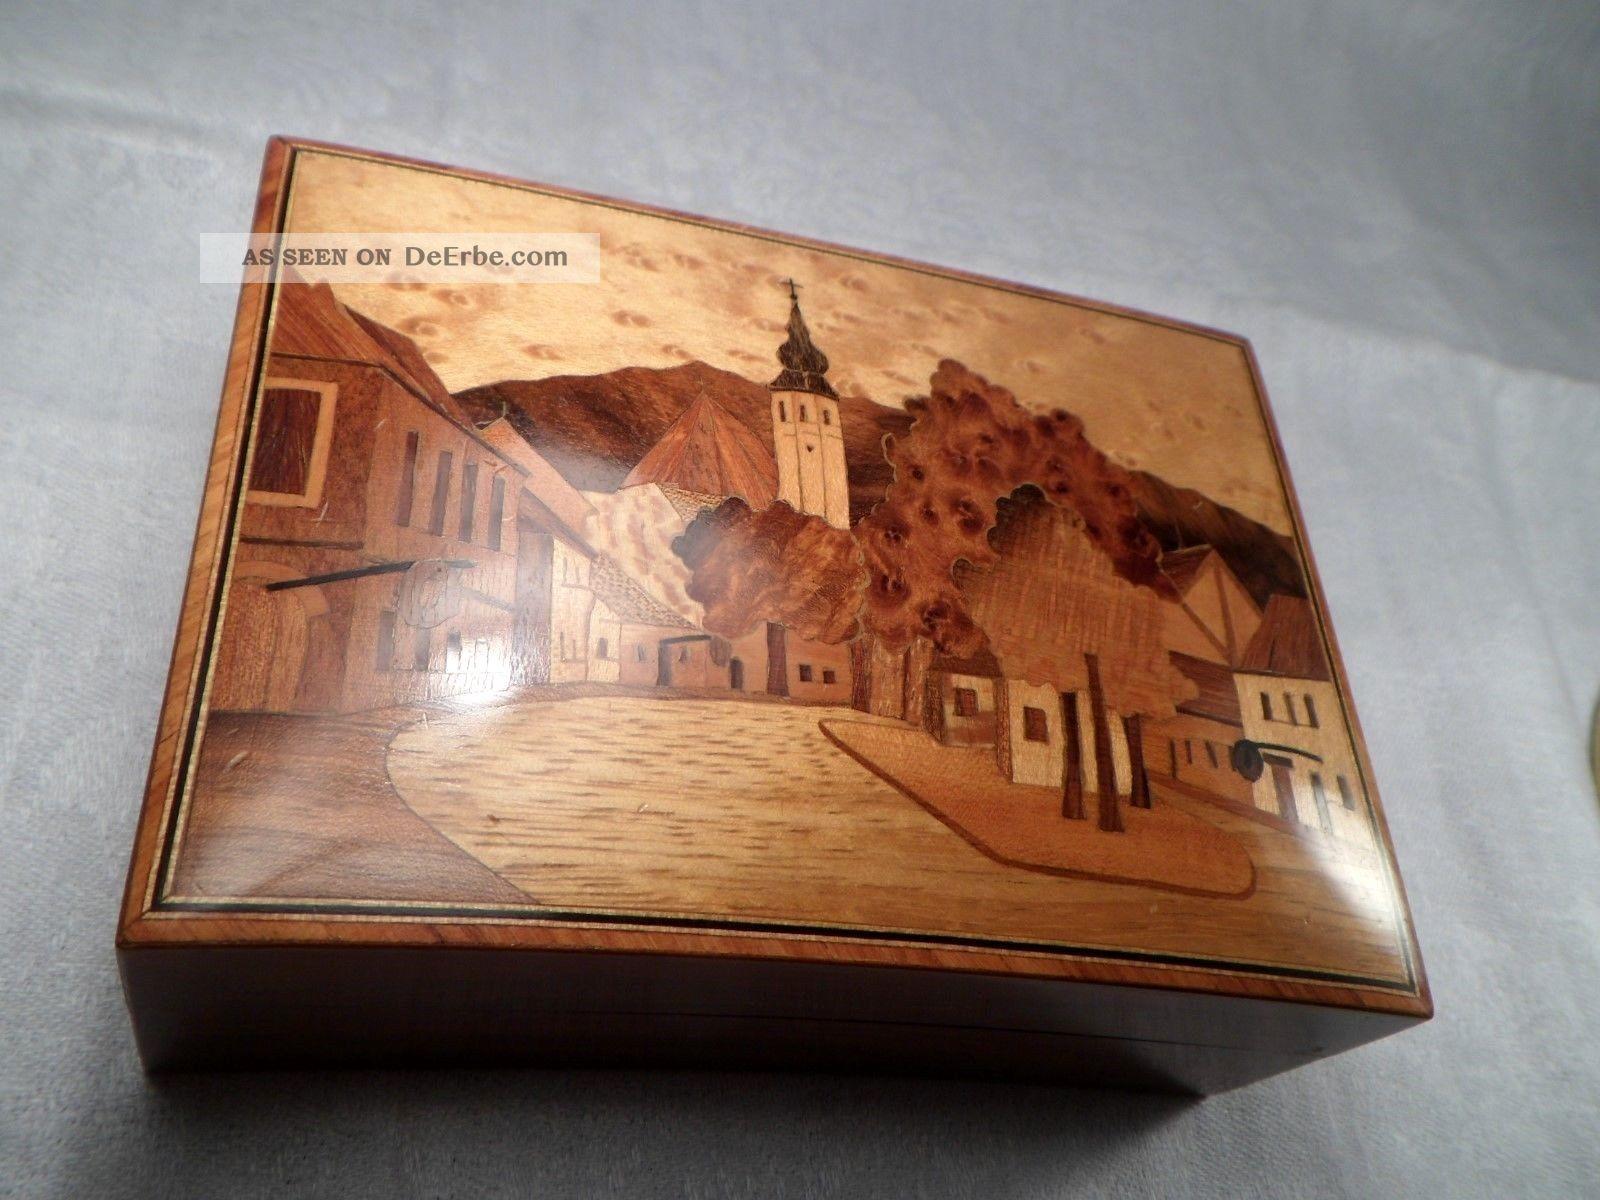 Gewölbte Schatulle Holz Holzdose Mit Intarsien Dorf Mit Kirche Poliert 14x10x5cm Holzarbeiten Bild